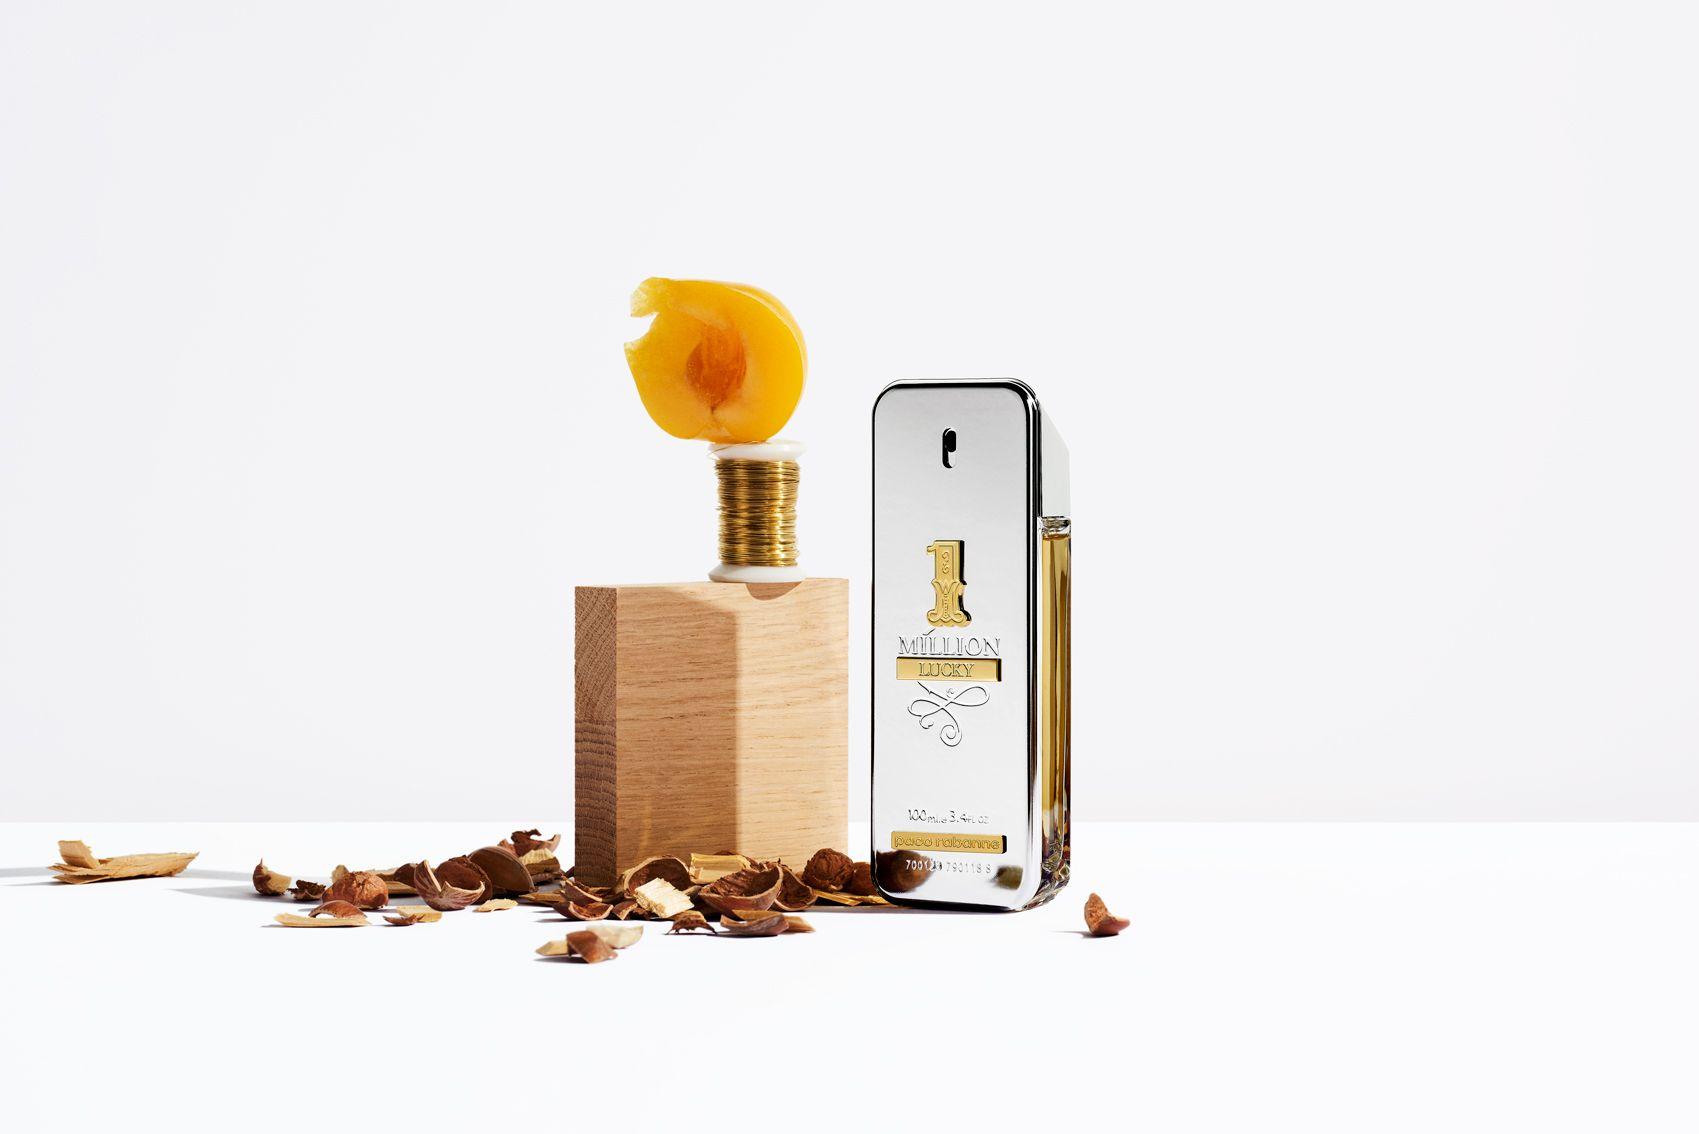 One Million Lucky De Paco Rabanne Desafia Los Extremos Y Estimula Los Sentidos Descubre Su Aroma En Ultrafemme Eau De Toilette Paco Rabanne Perfume